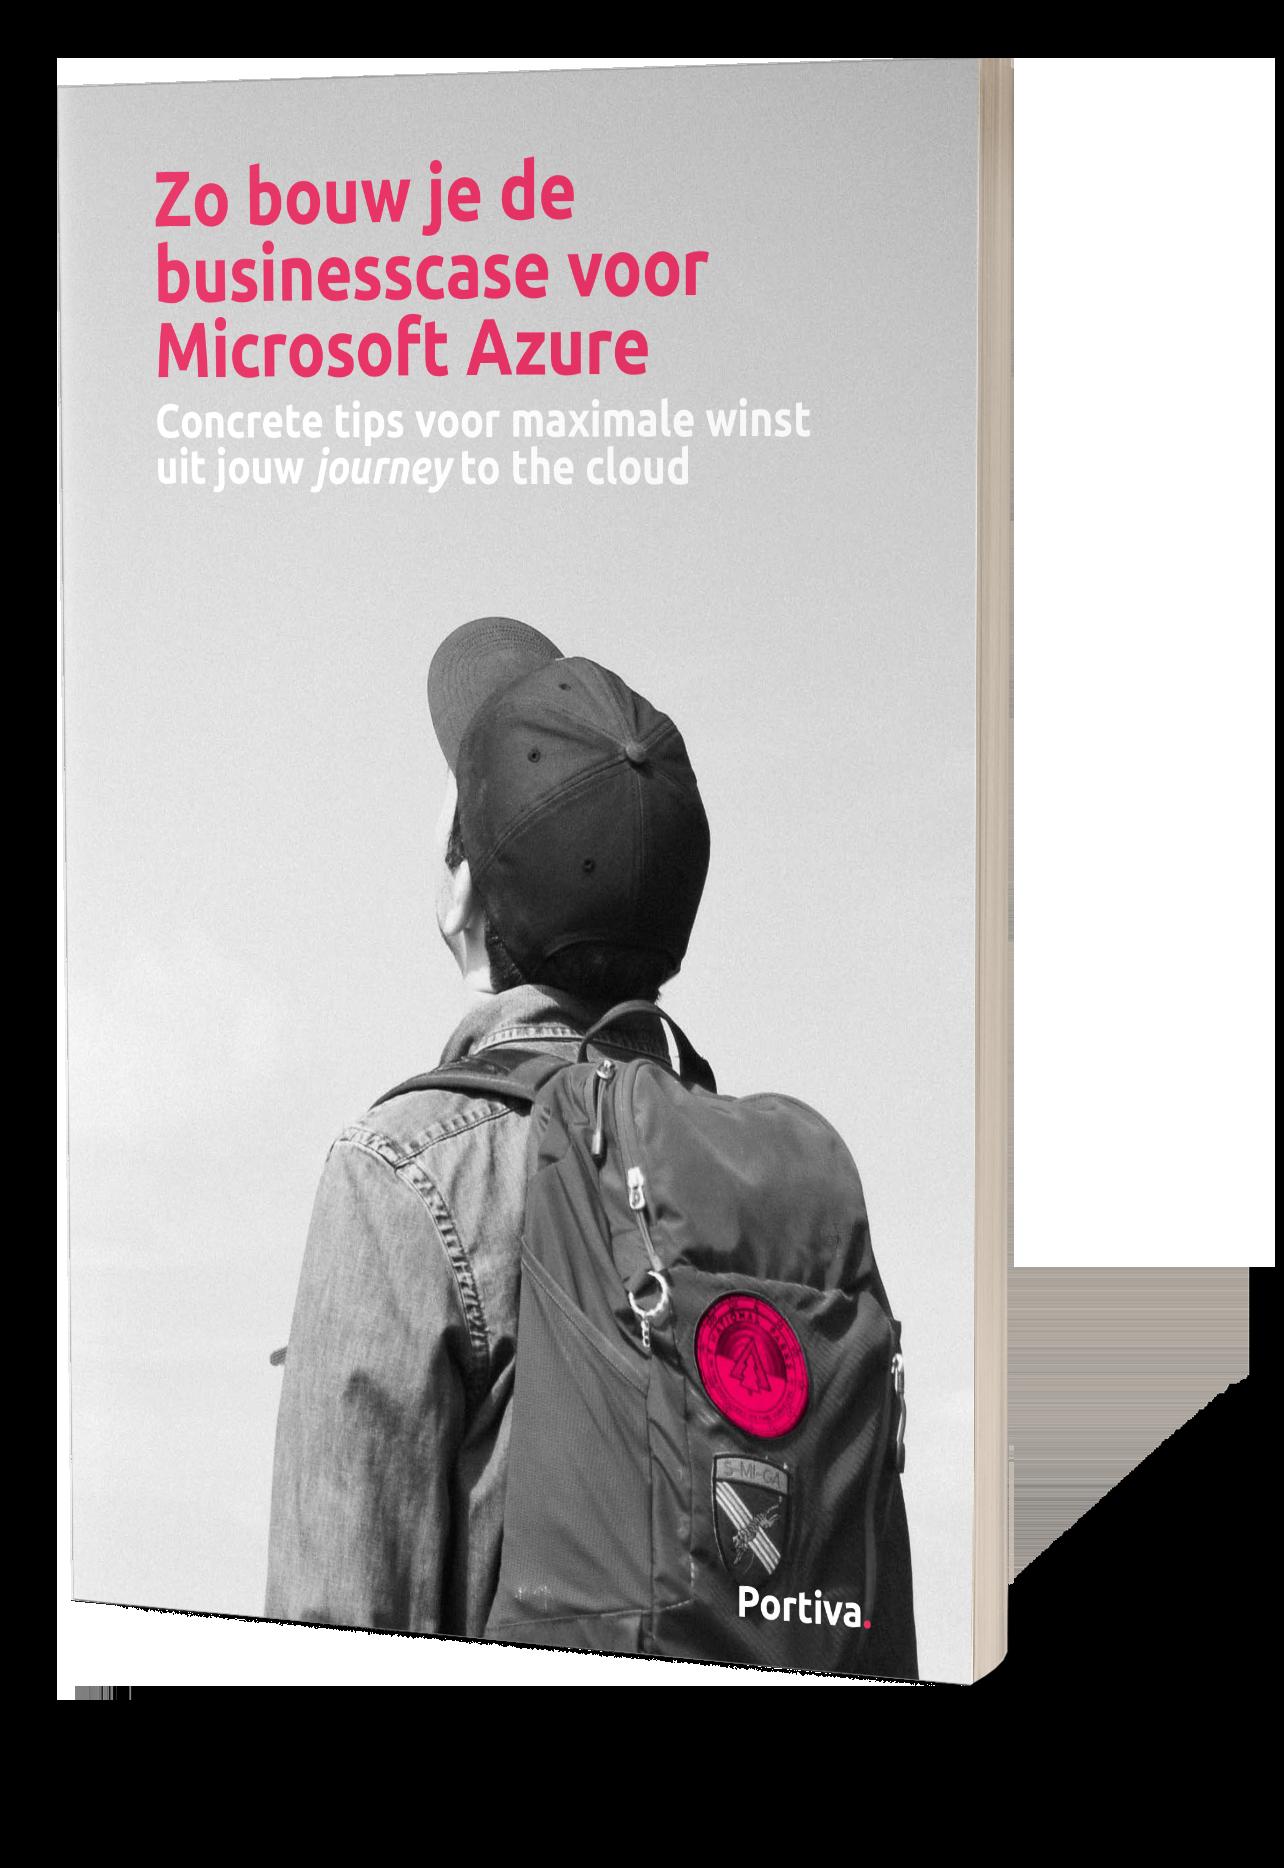 Whitepaper mock-up - zo bouw je de businesscase voor Microsoft Azure